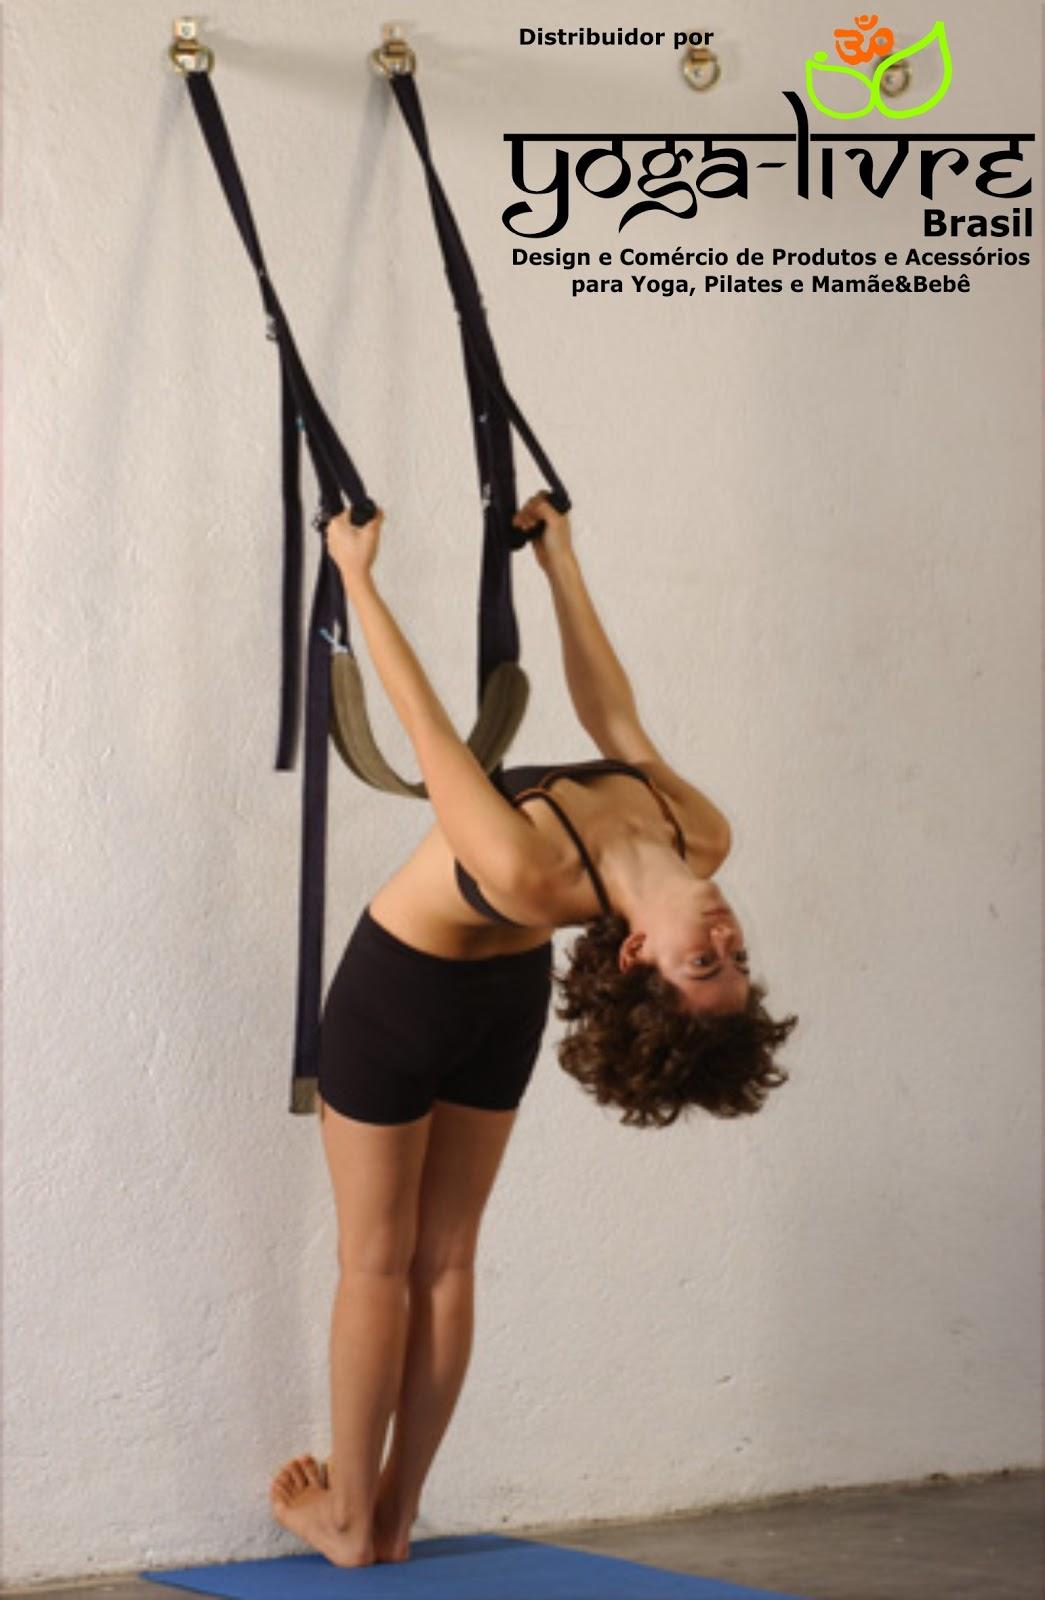 Kurunta yoga prana, hatha yoga iyengar, sling yoga - yoga-livre brasil